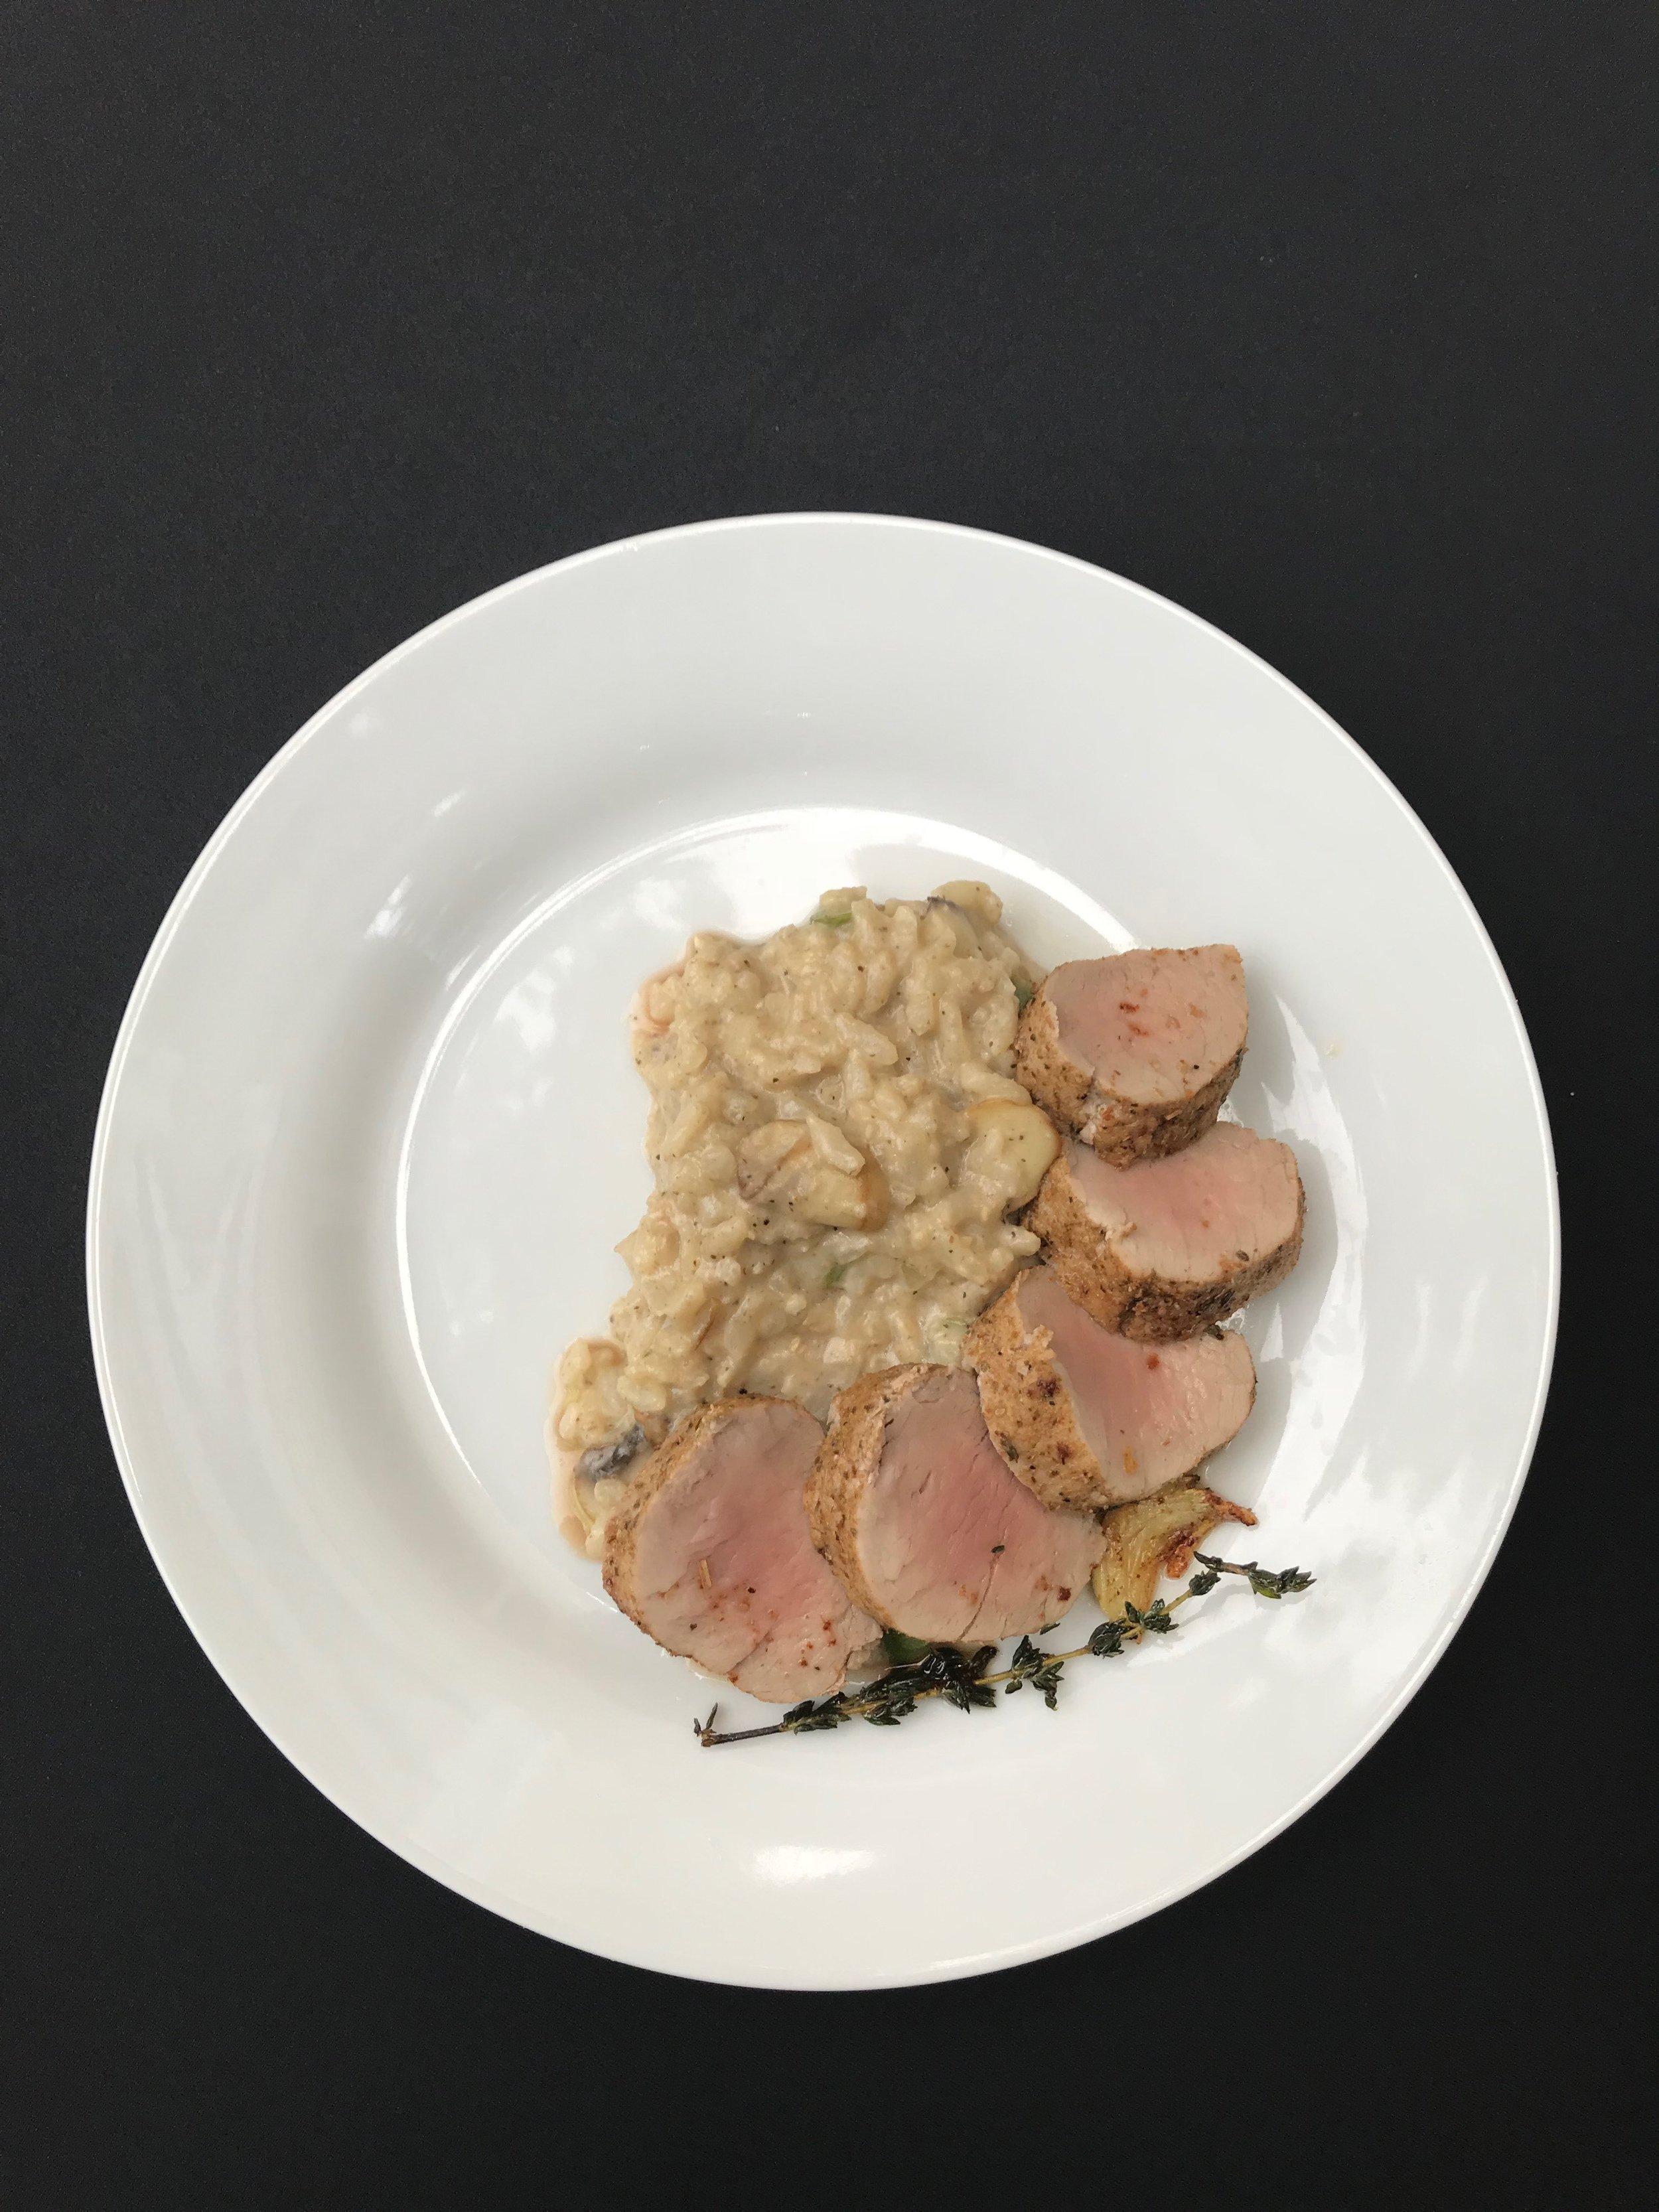 Pork Tenderloin  - Pork tenderloin, sautéed with coriander, oregano and thyme accompanied by chimichurri sauce over asparagus-mushroom risotto